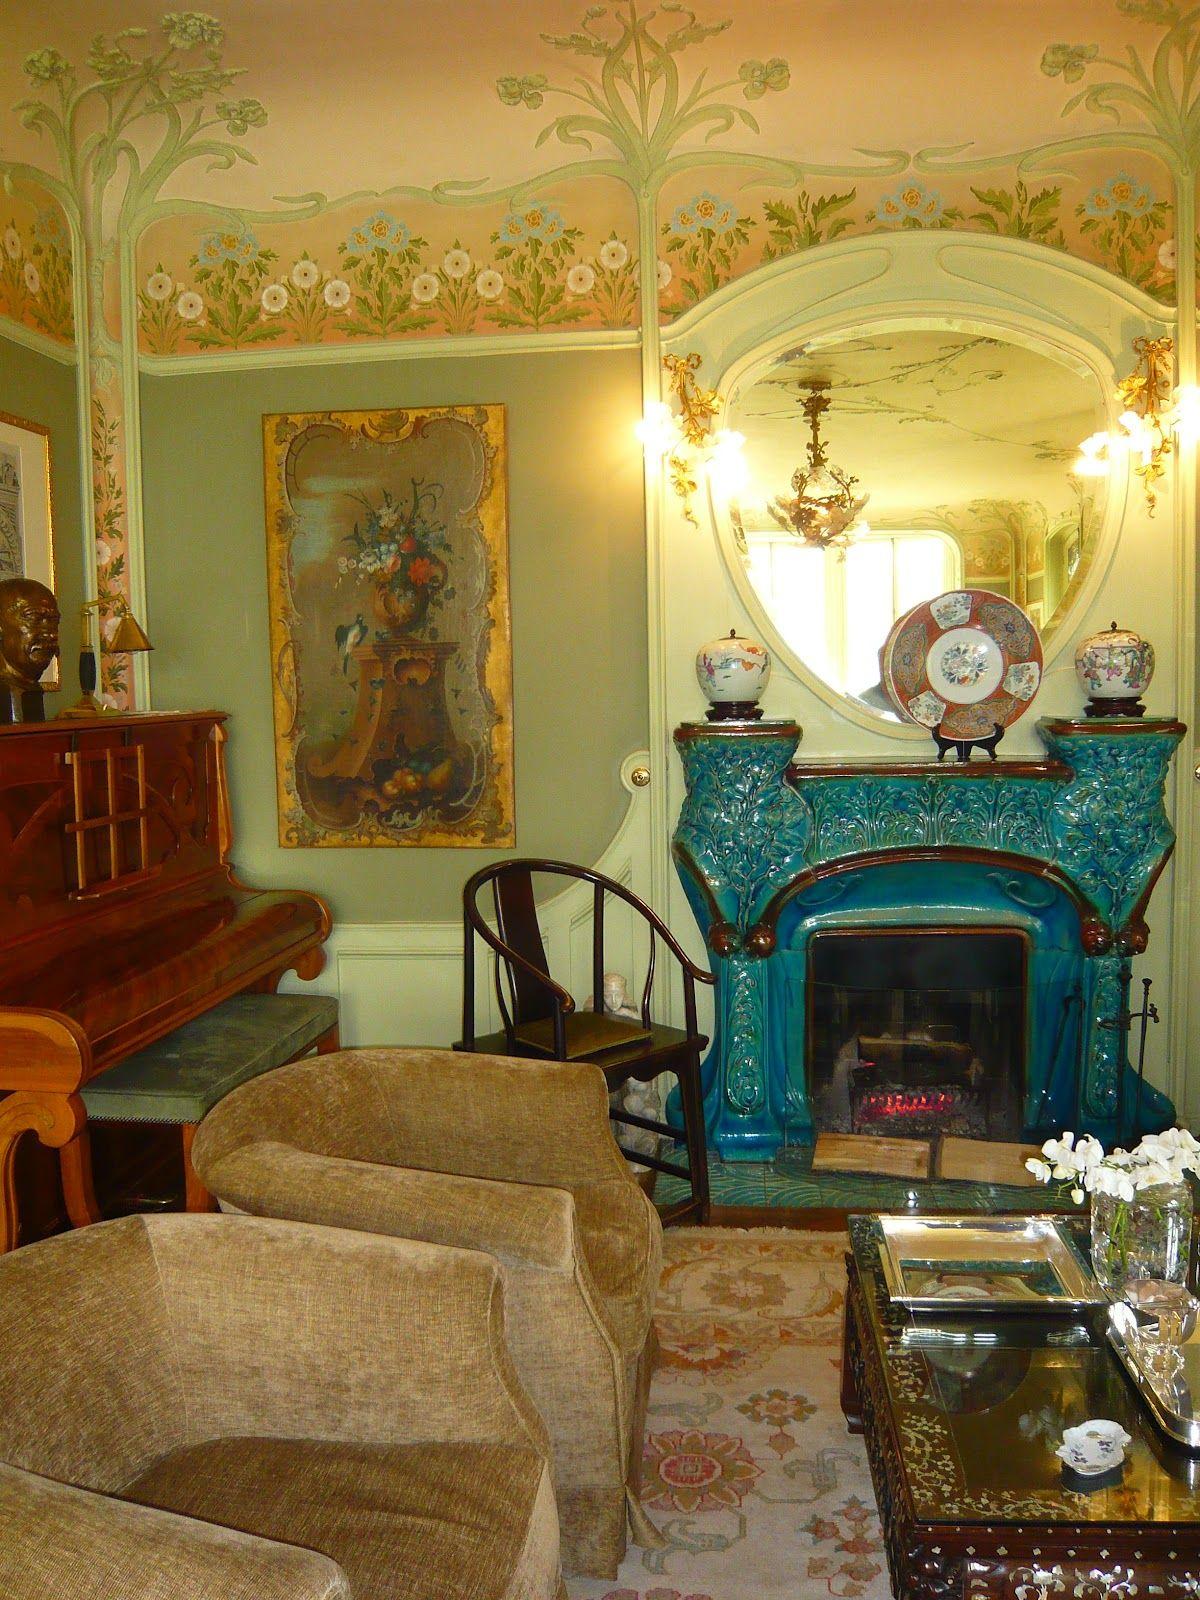 Interieur Art Nouveau De La Maison Familiale Vuitton Lors